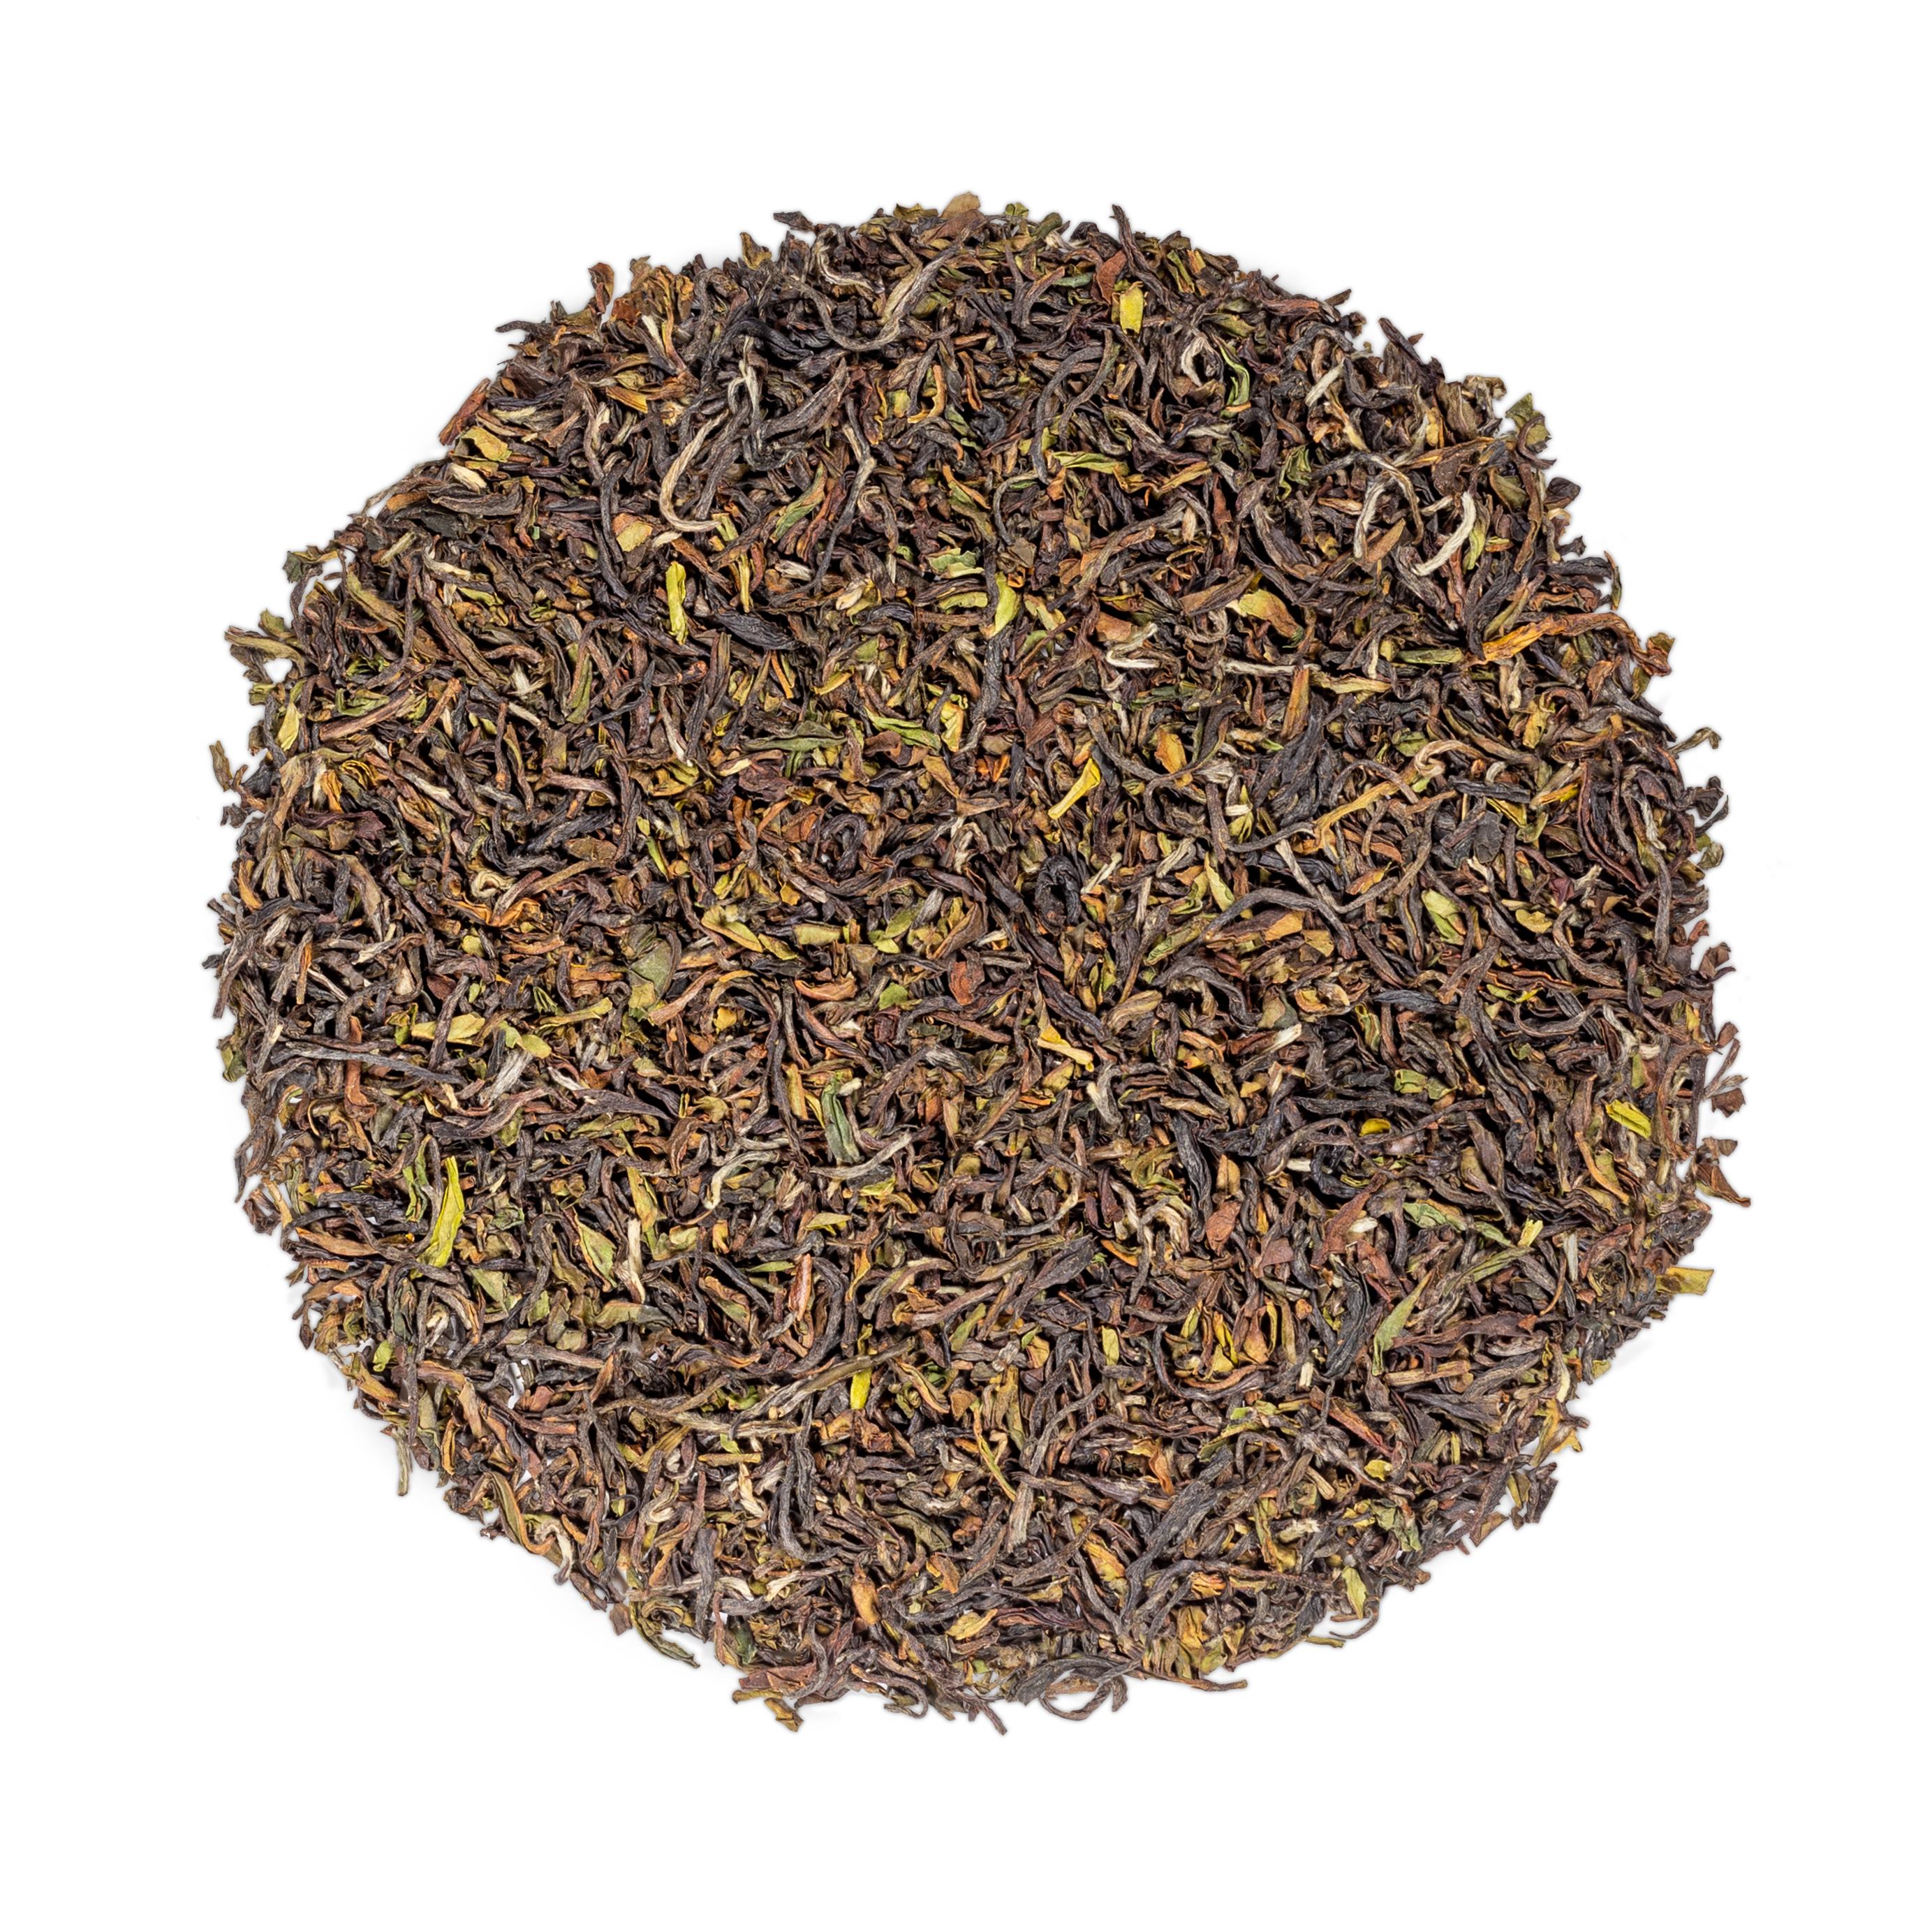 KUSMI TEA Thé noir du Népal, Jardin de Guranse bio - Thé noir du Népal - Kusmi Tea